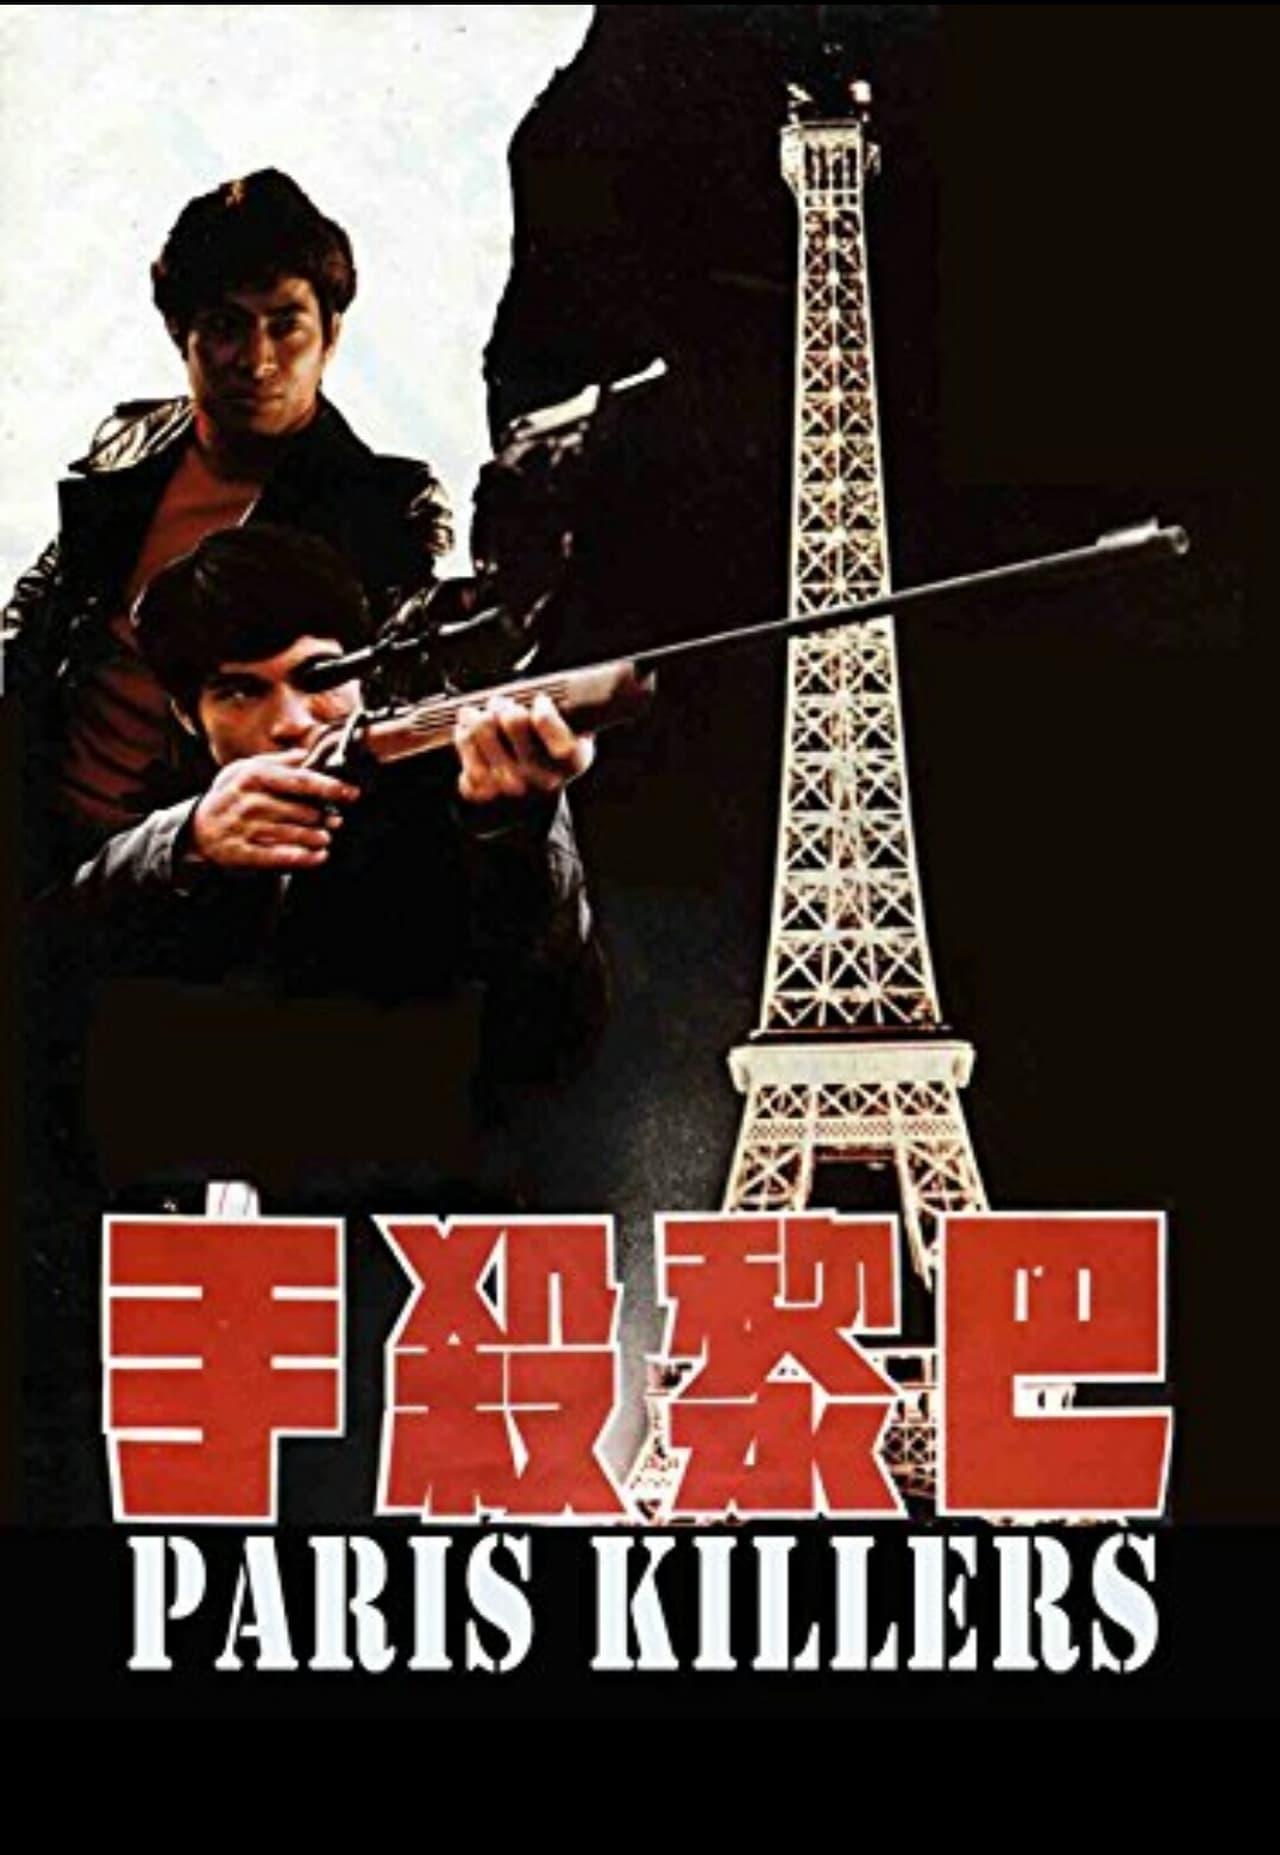 Paris Killers